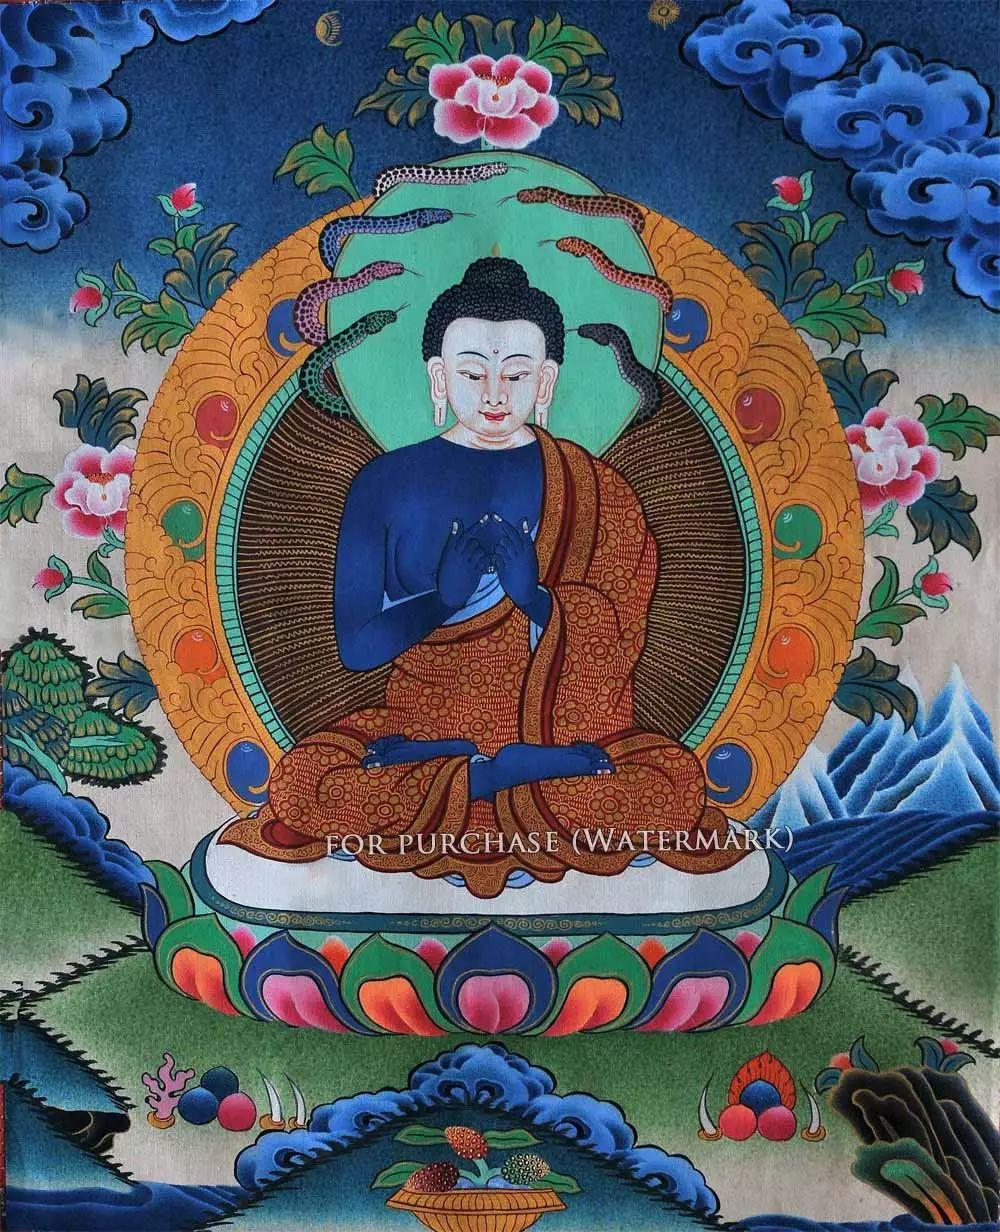 佛教中观哲学(蒙古文) 第1张 佛教中观哲学(蒙古文) 蒙古文库